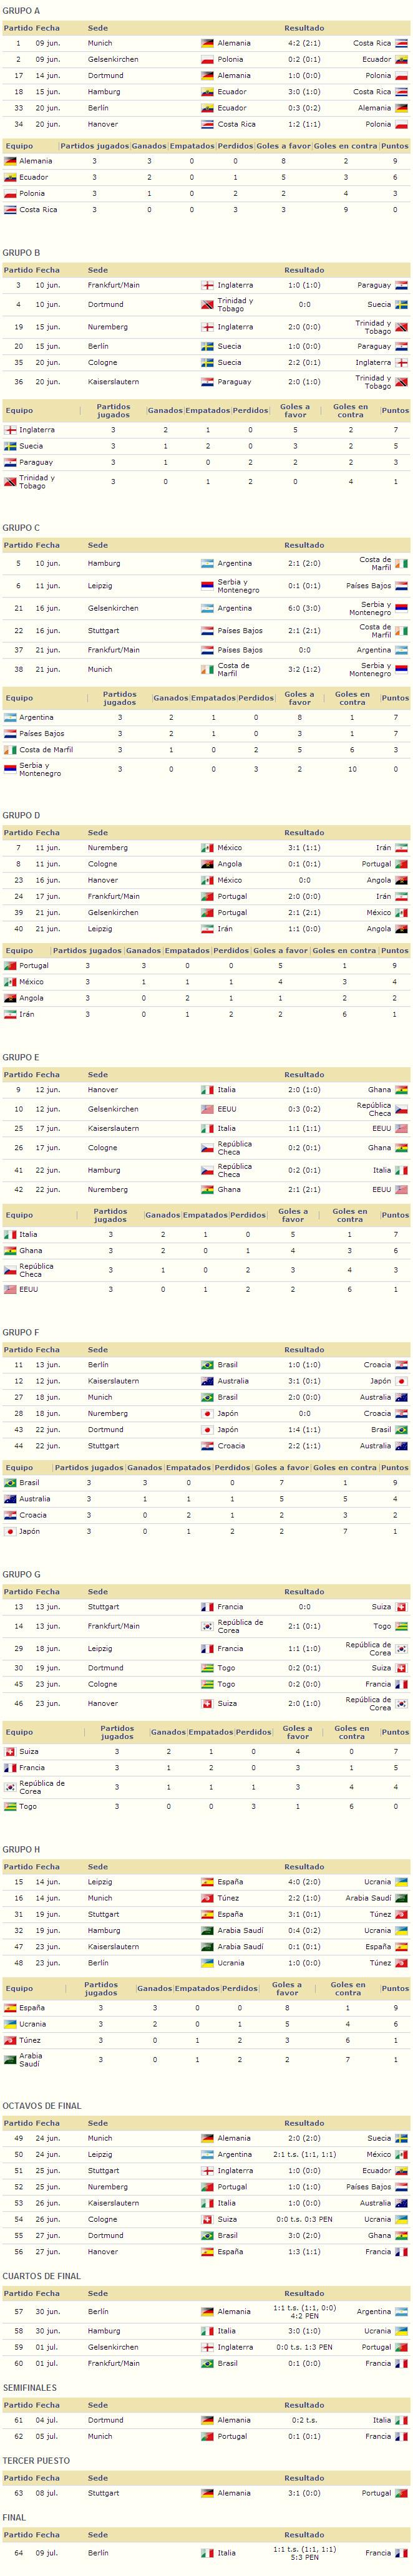 Mundial Alemania 2006 resultados